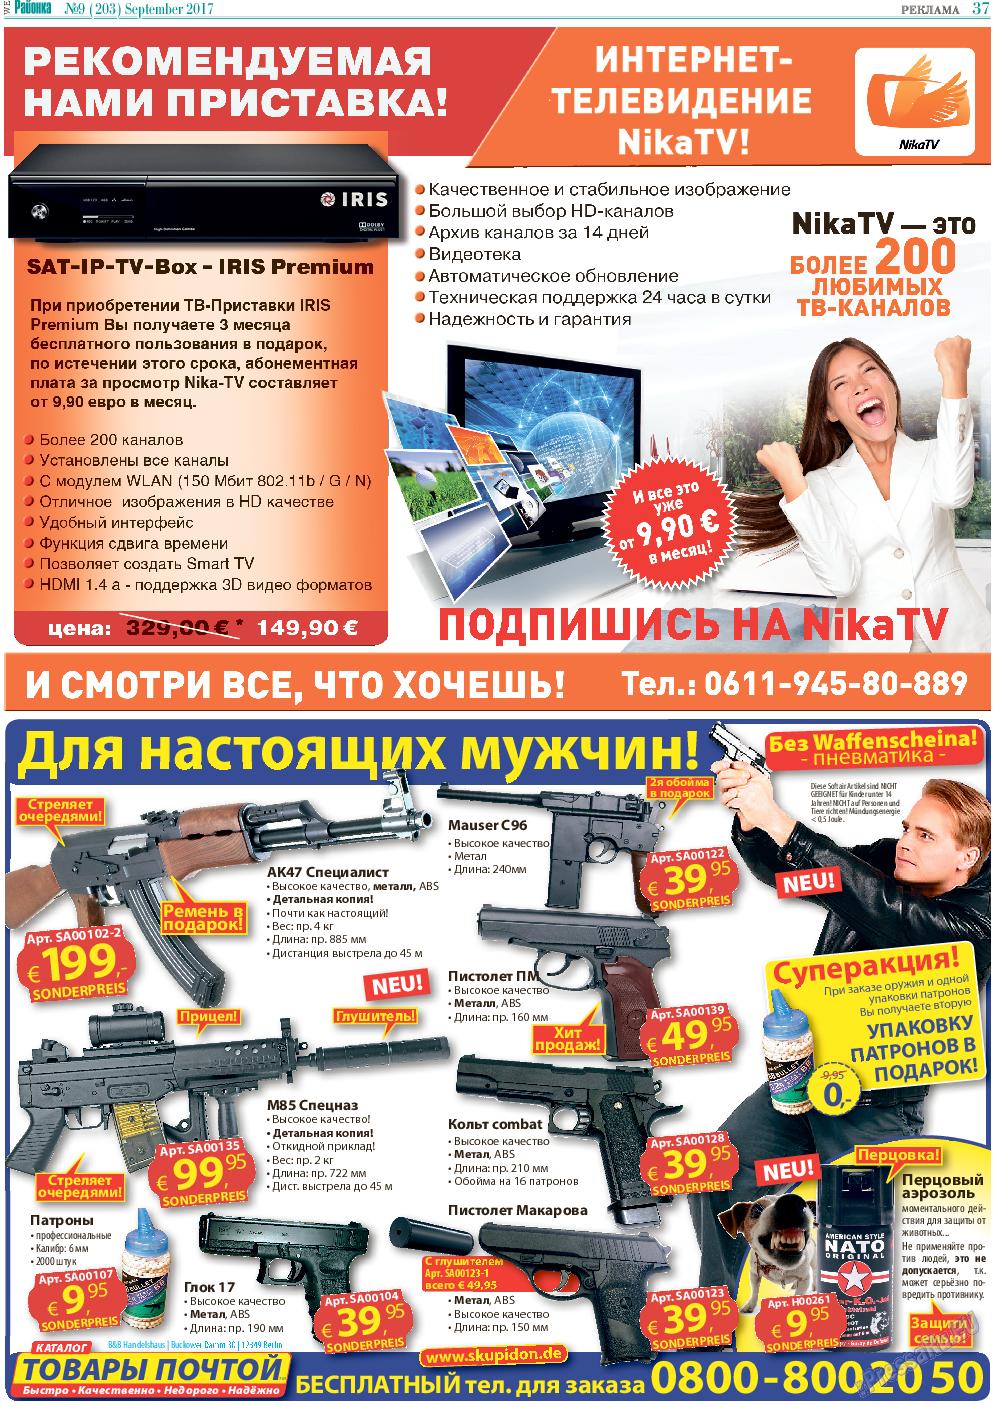 Районка-West (газета). 2017 год, номер 9, стр. 37